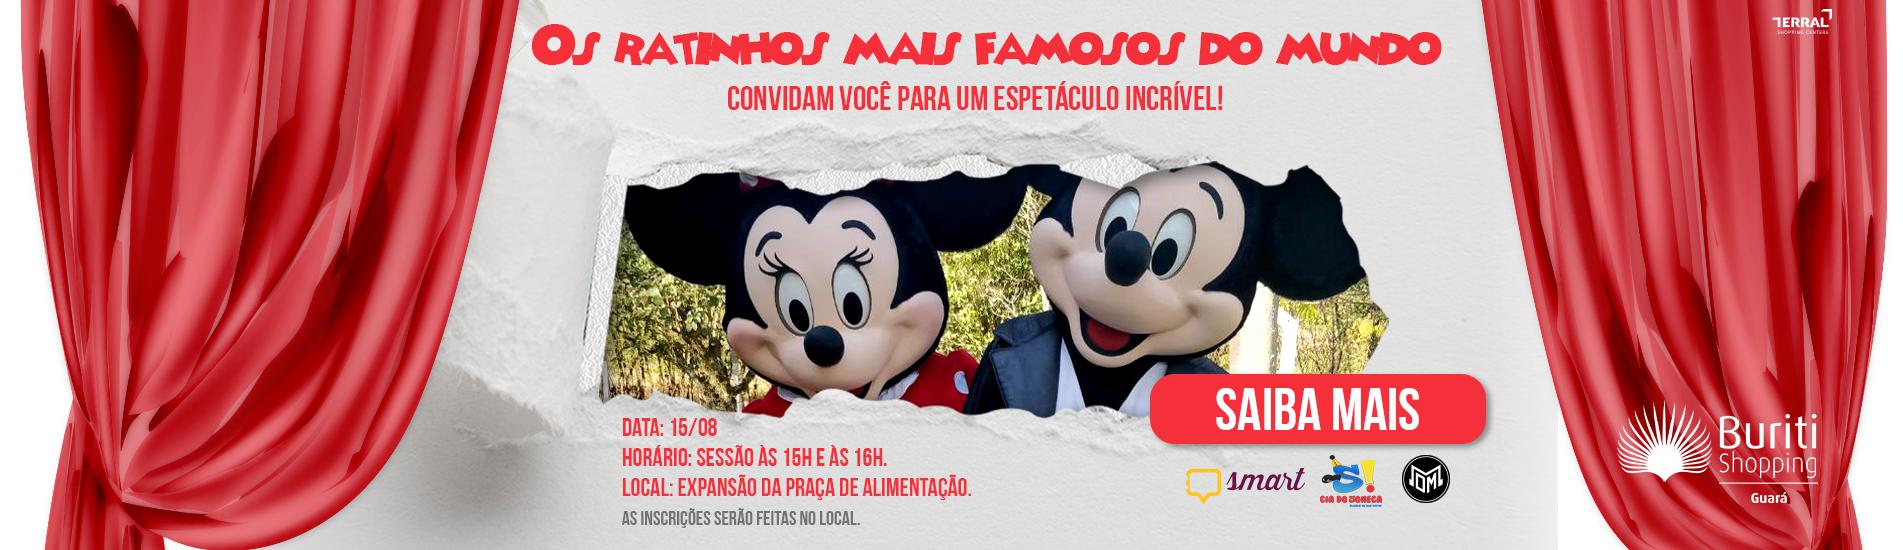 Os ratinhos mais famosos do mundo confirmam presença neste domingo no Buriti Shopping Guará